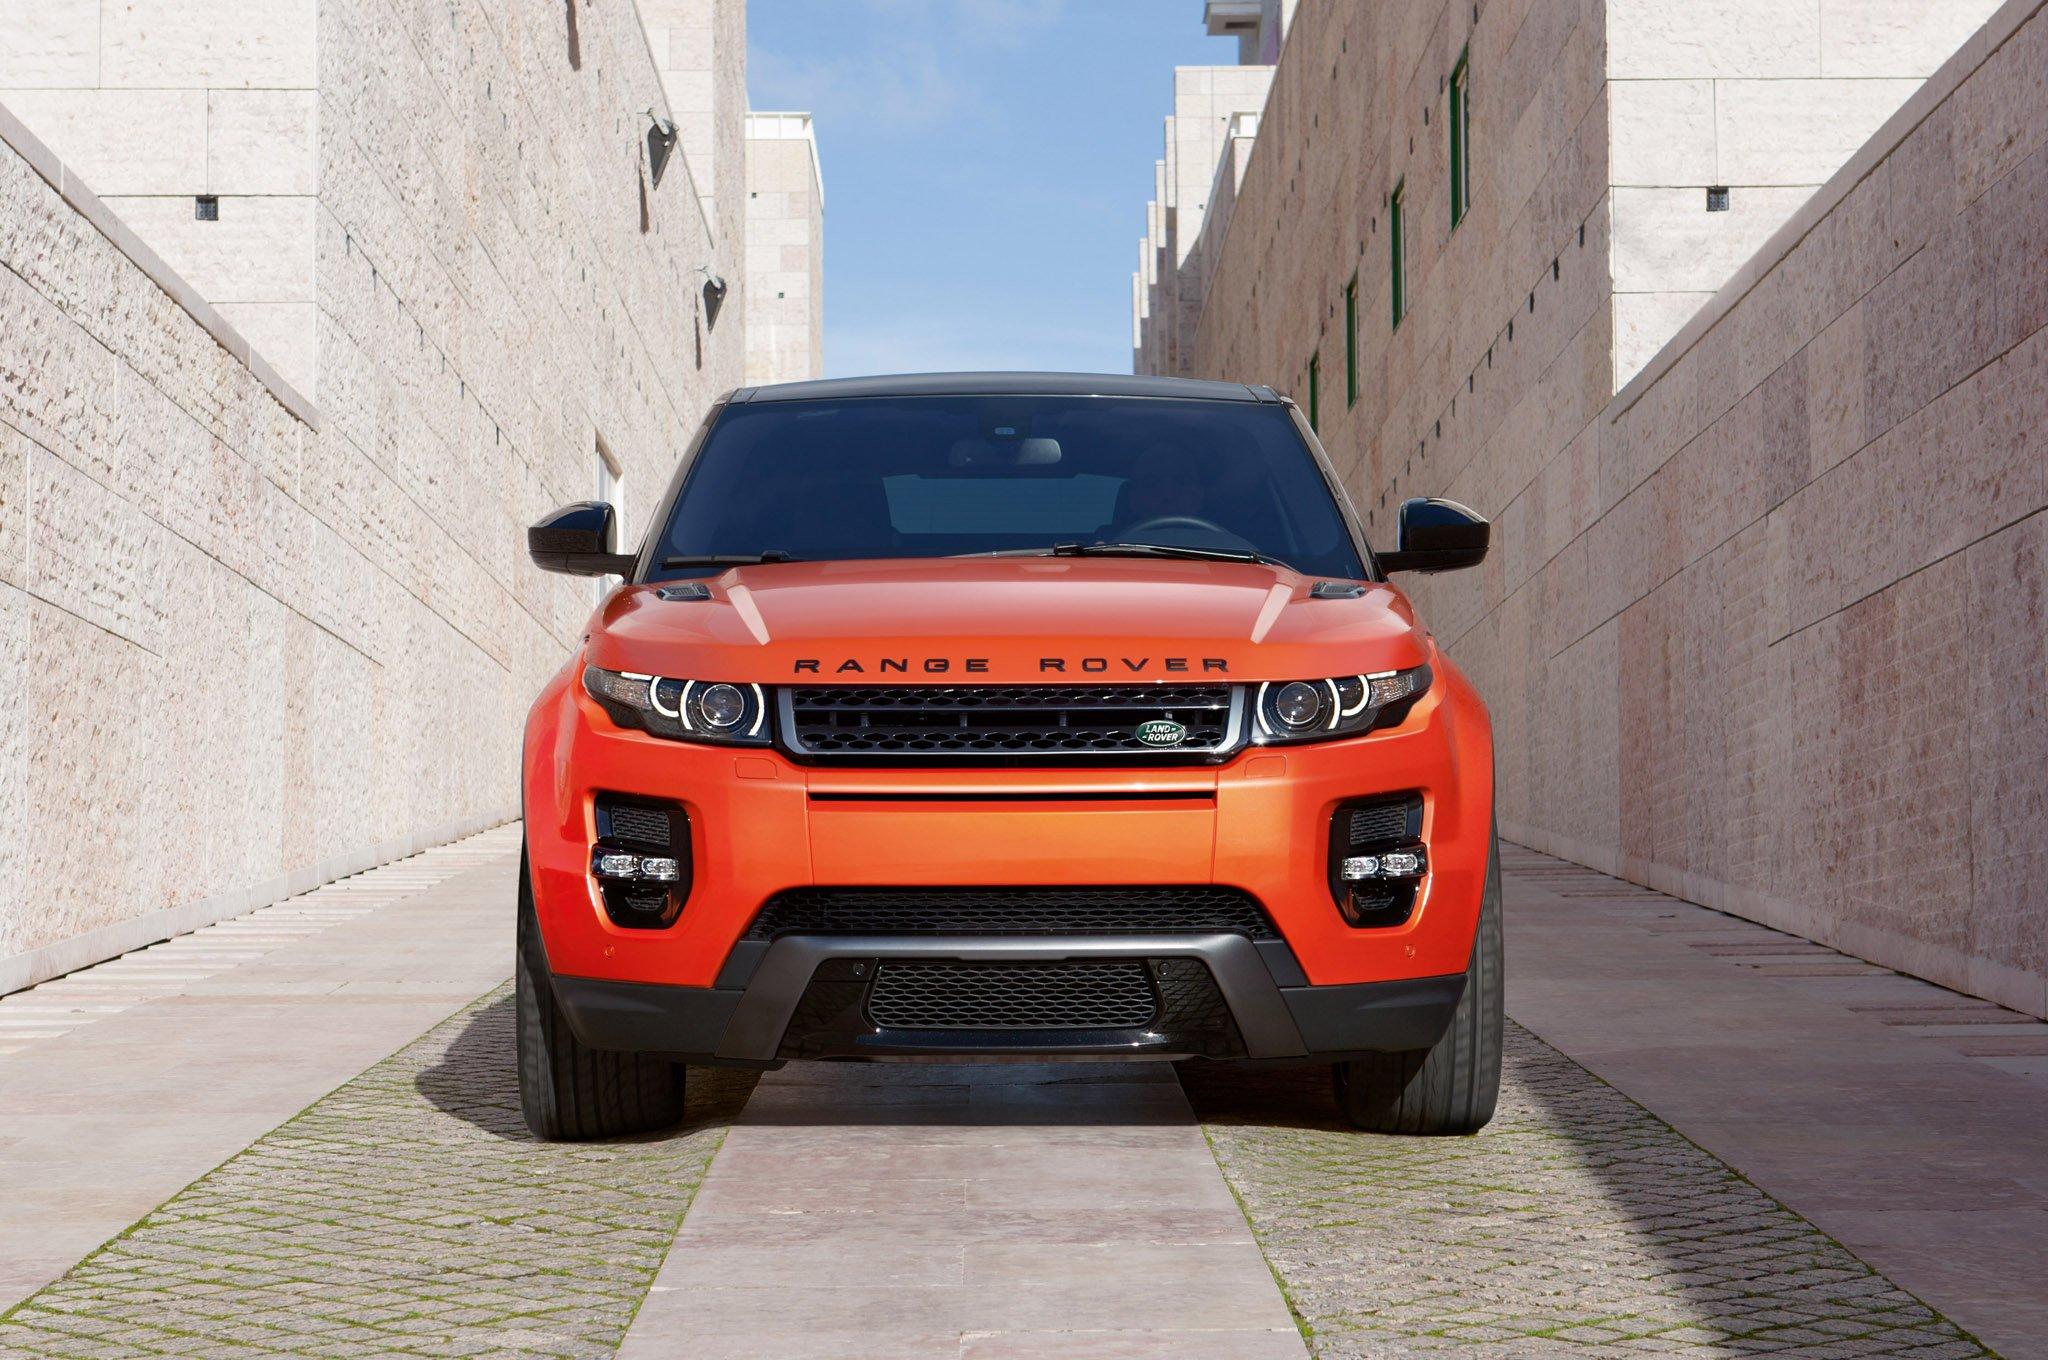 Range Rover Evoque 2015 оранжевого цвета, вид спереди